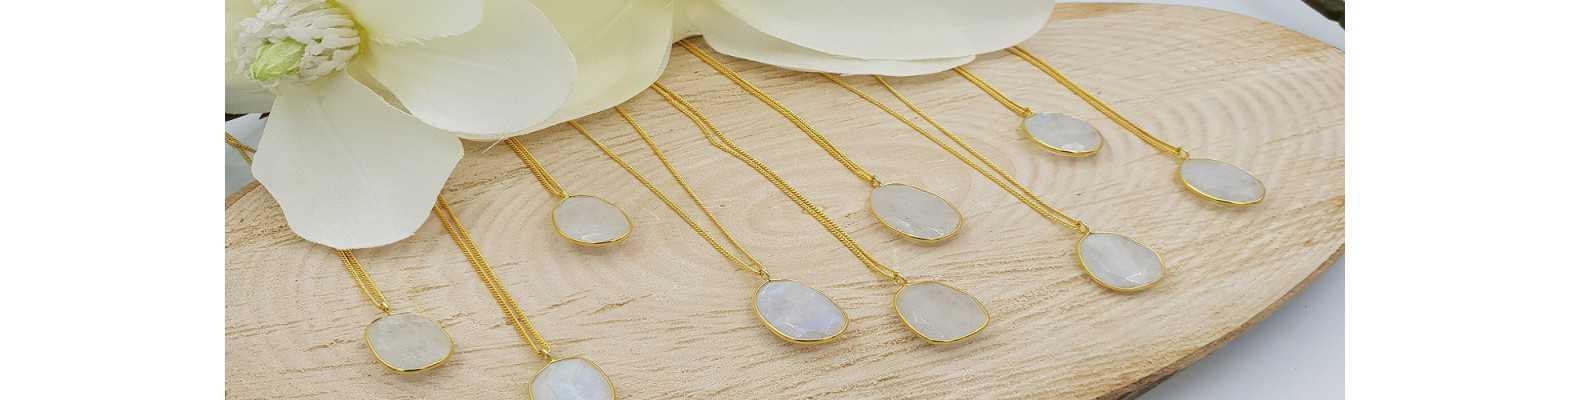 Gold überzogene Edelstein-Halsketten